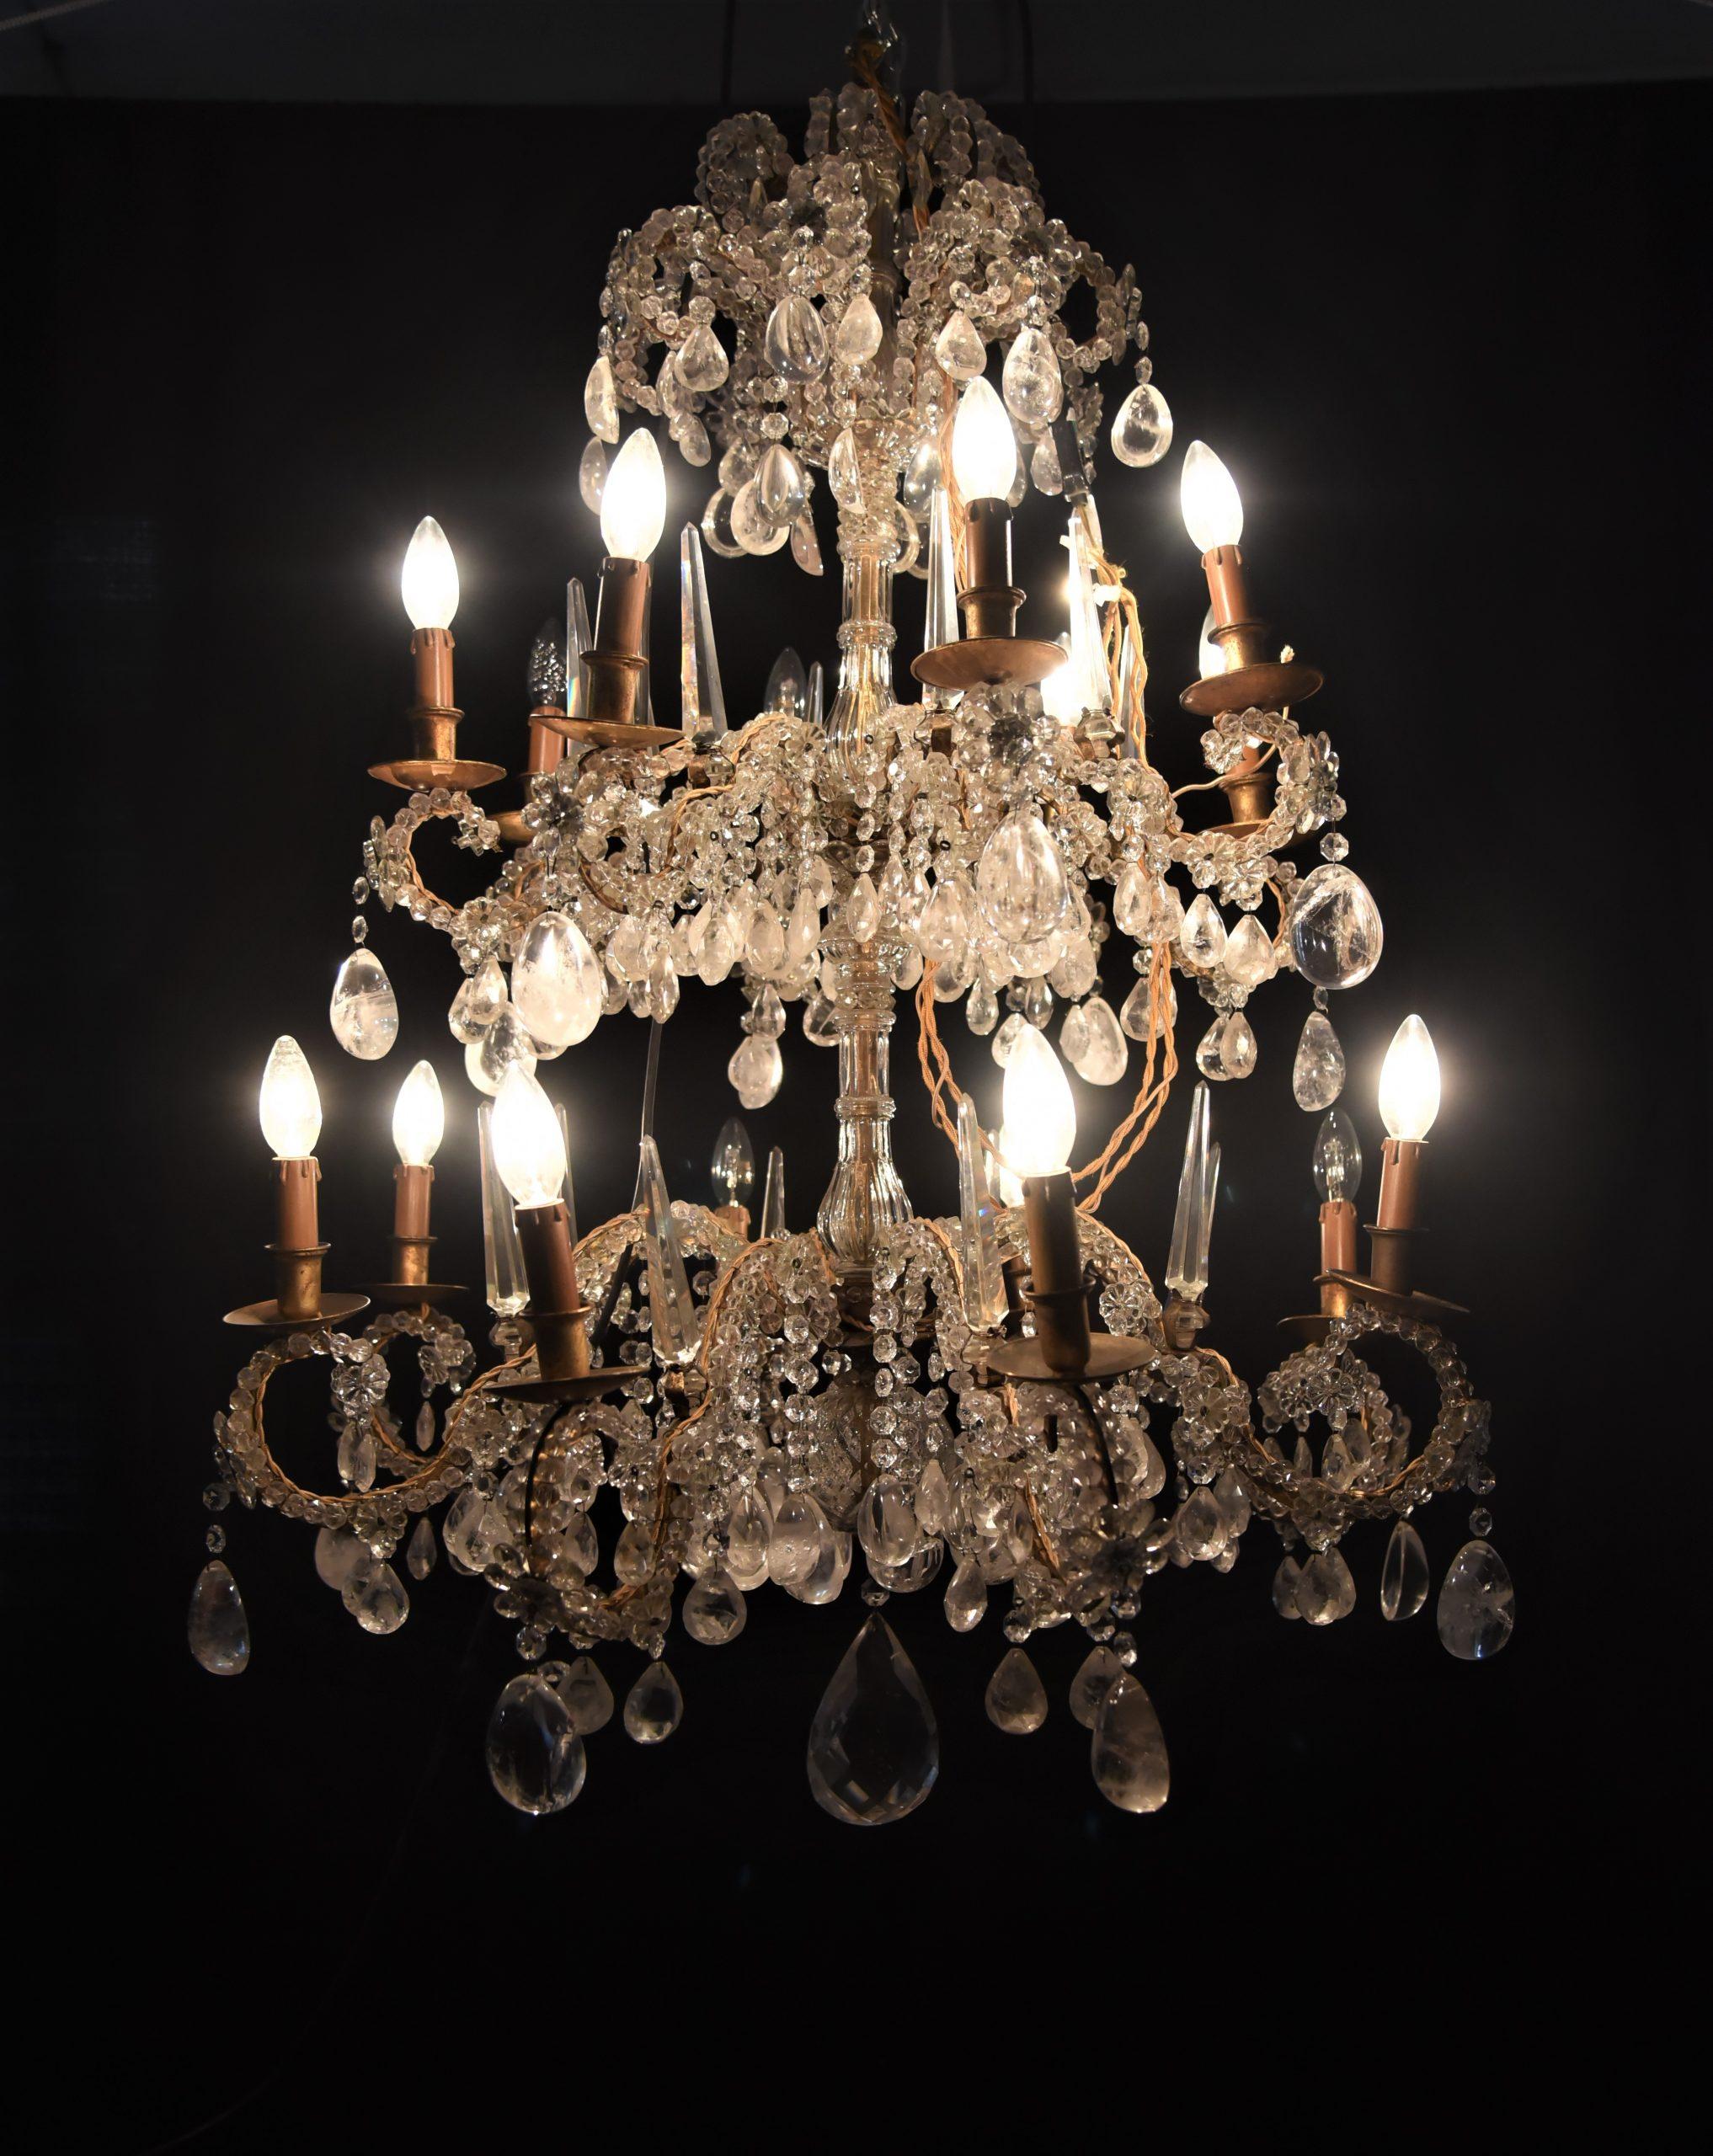 Antico Lampadario del XIX secolo  in CRISTALLO DI ROCCA – 16 luci